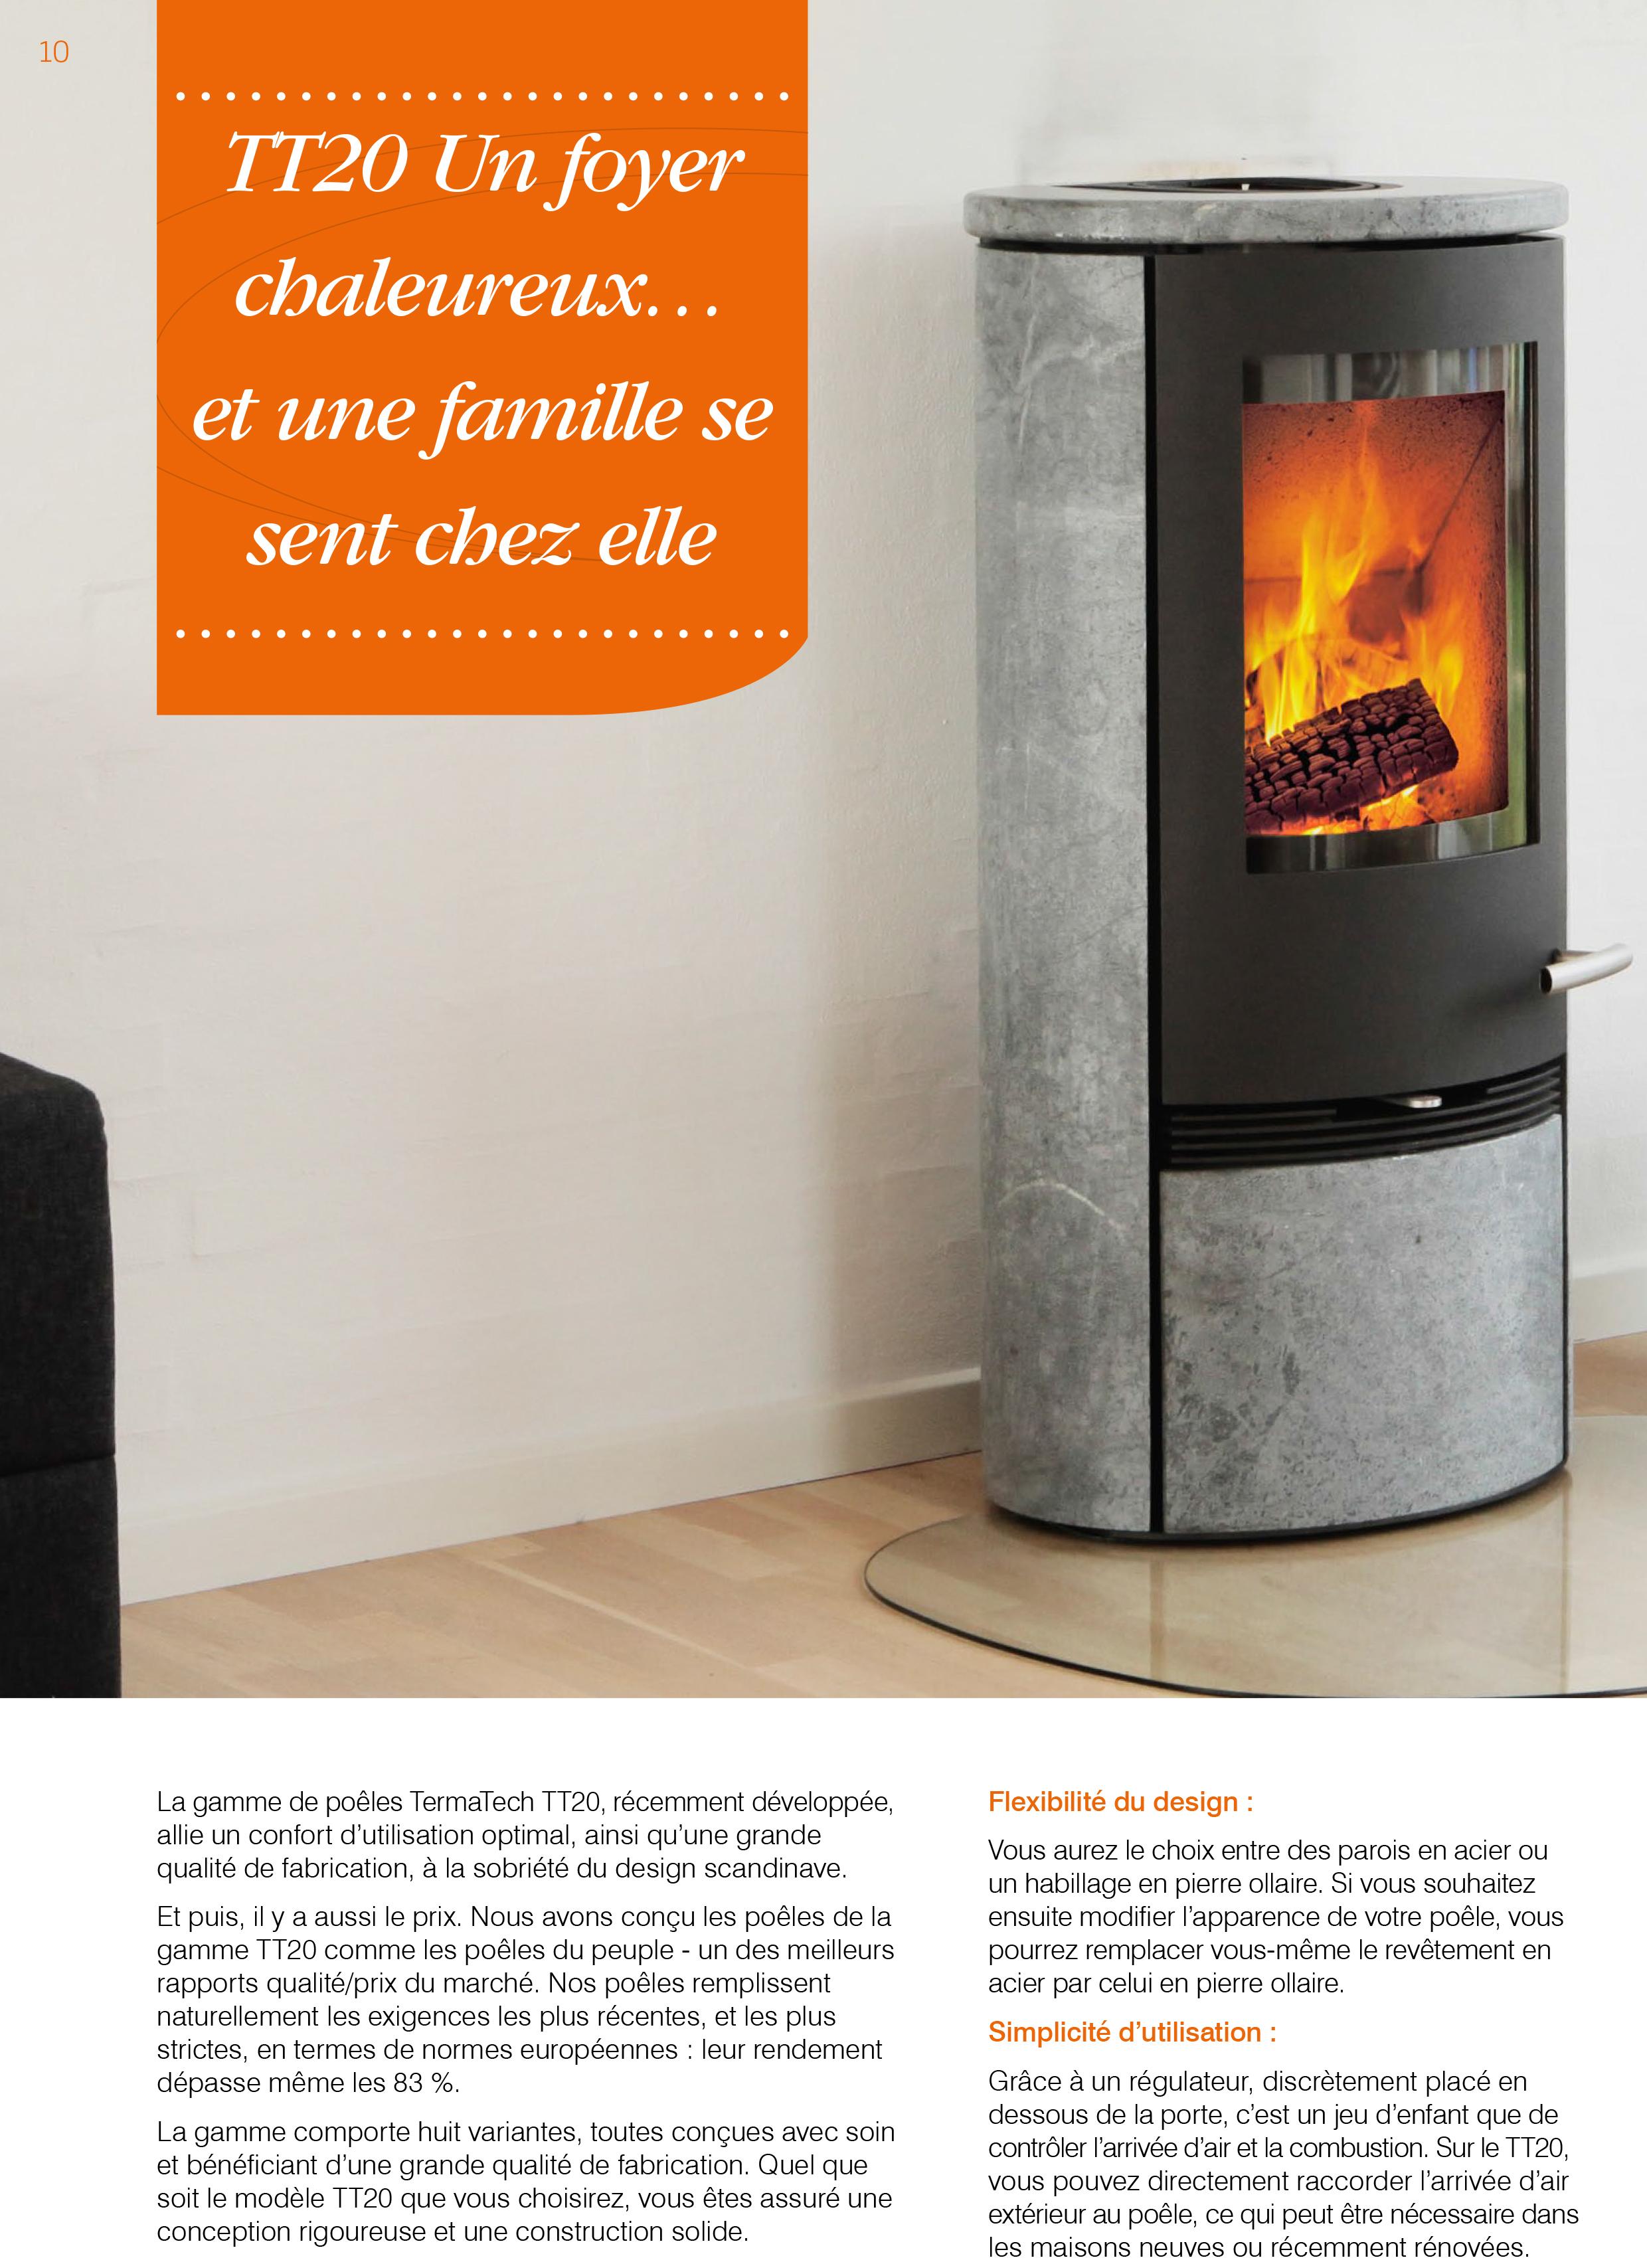 poele a bois fusion obtenez des id es de design int ressantes en utilisant du. Black Bedroom Furniture Sets. Home Design Ideas